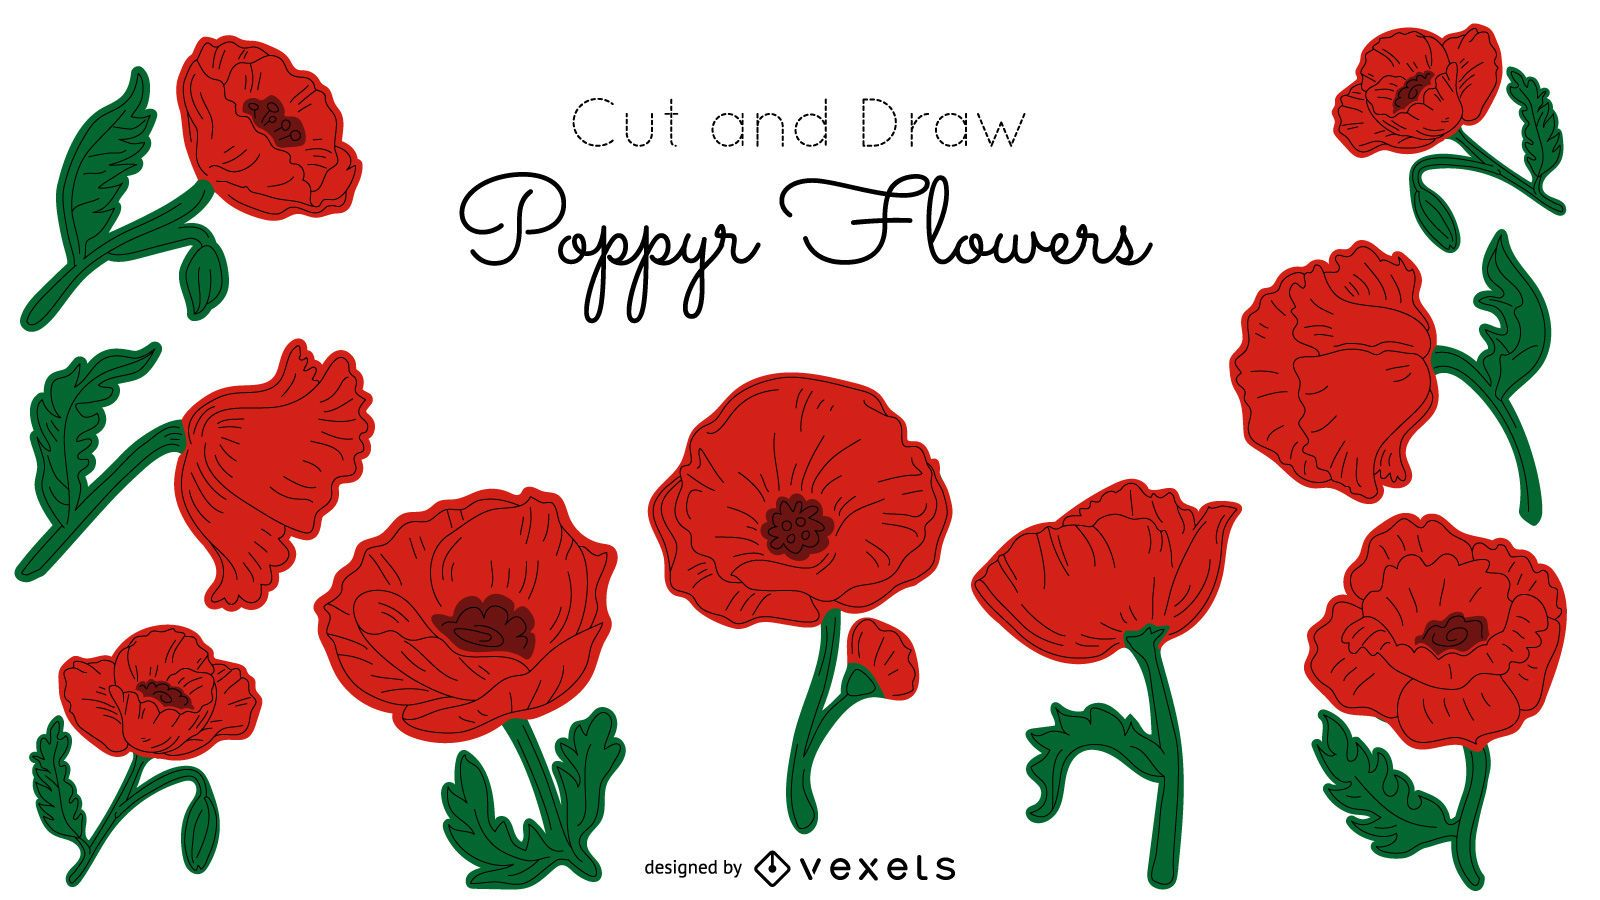 Poppy flowers illustration pack